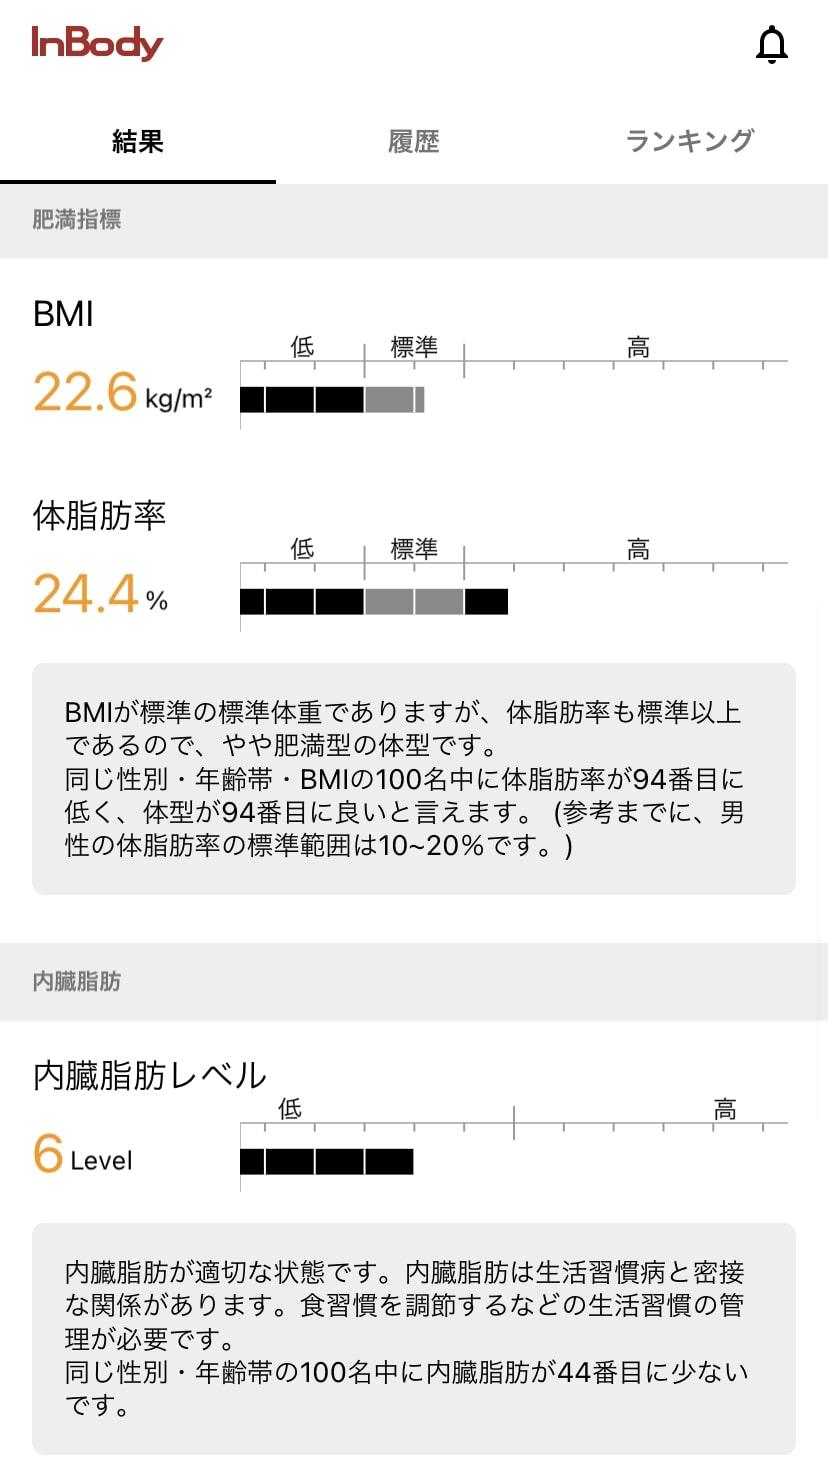 InBody分析結果-202107